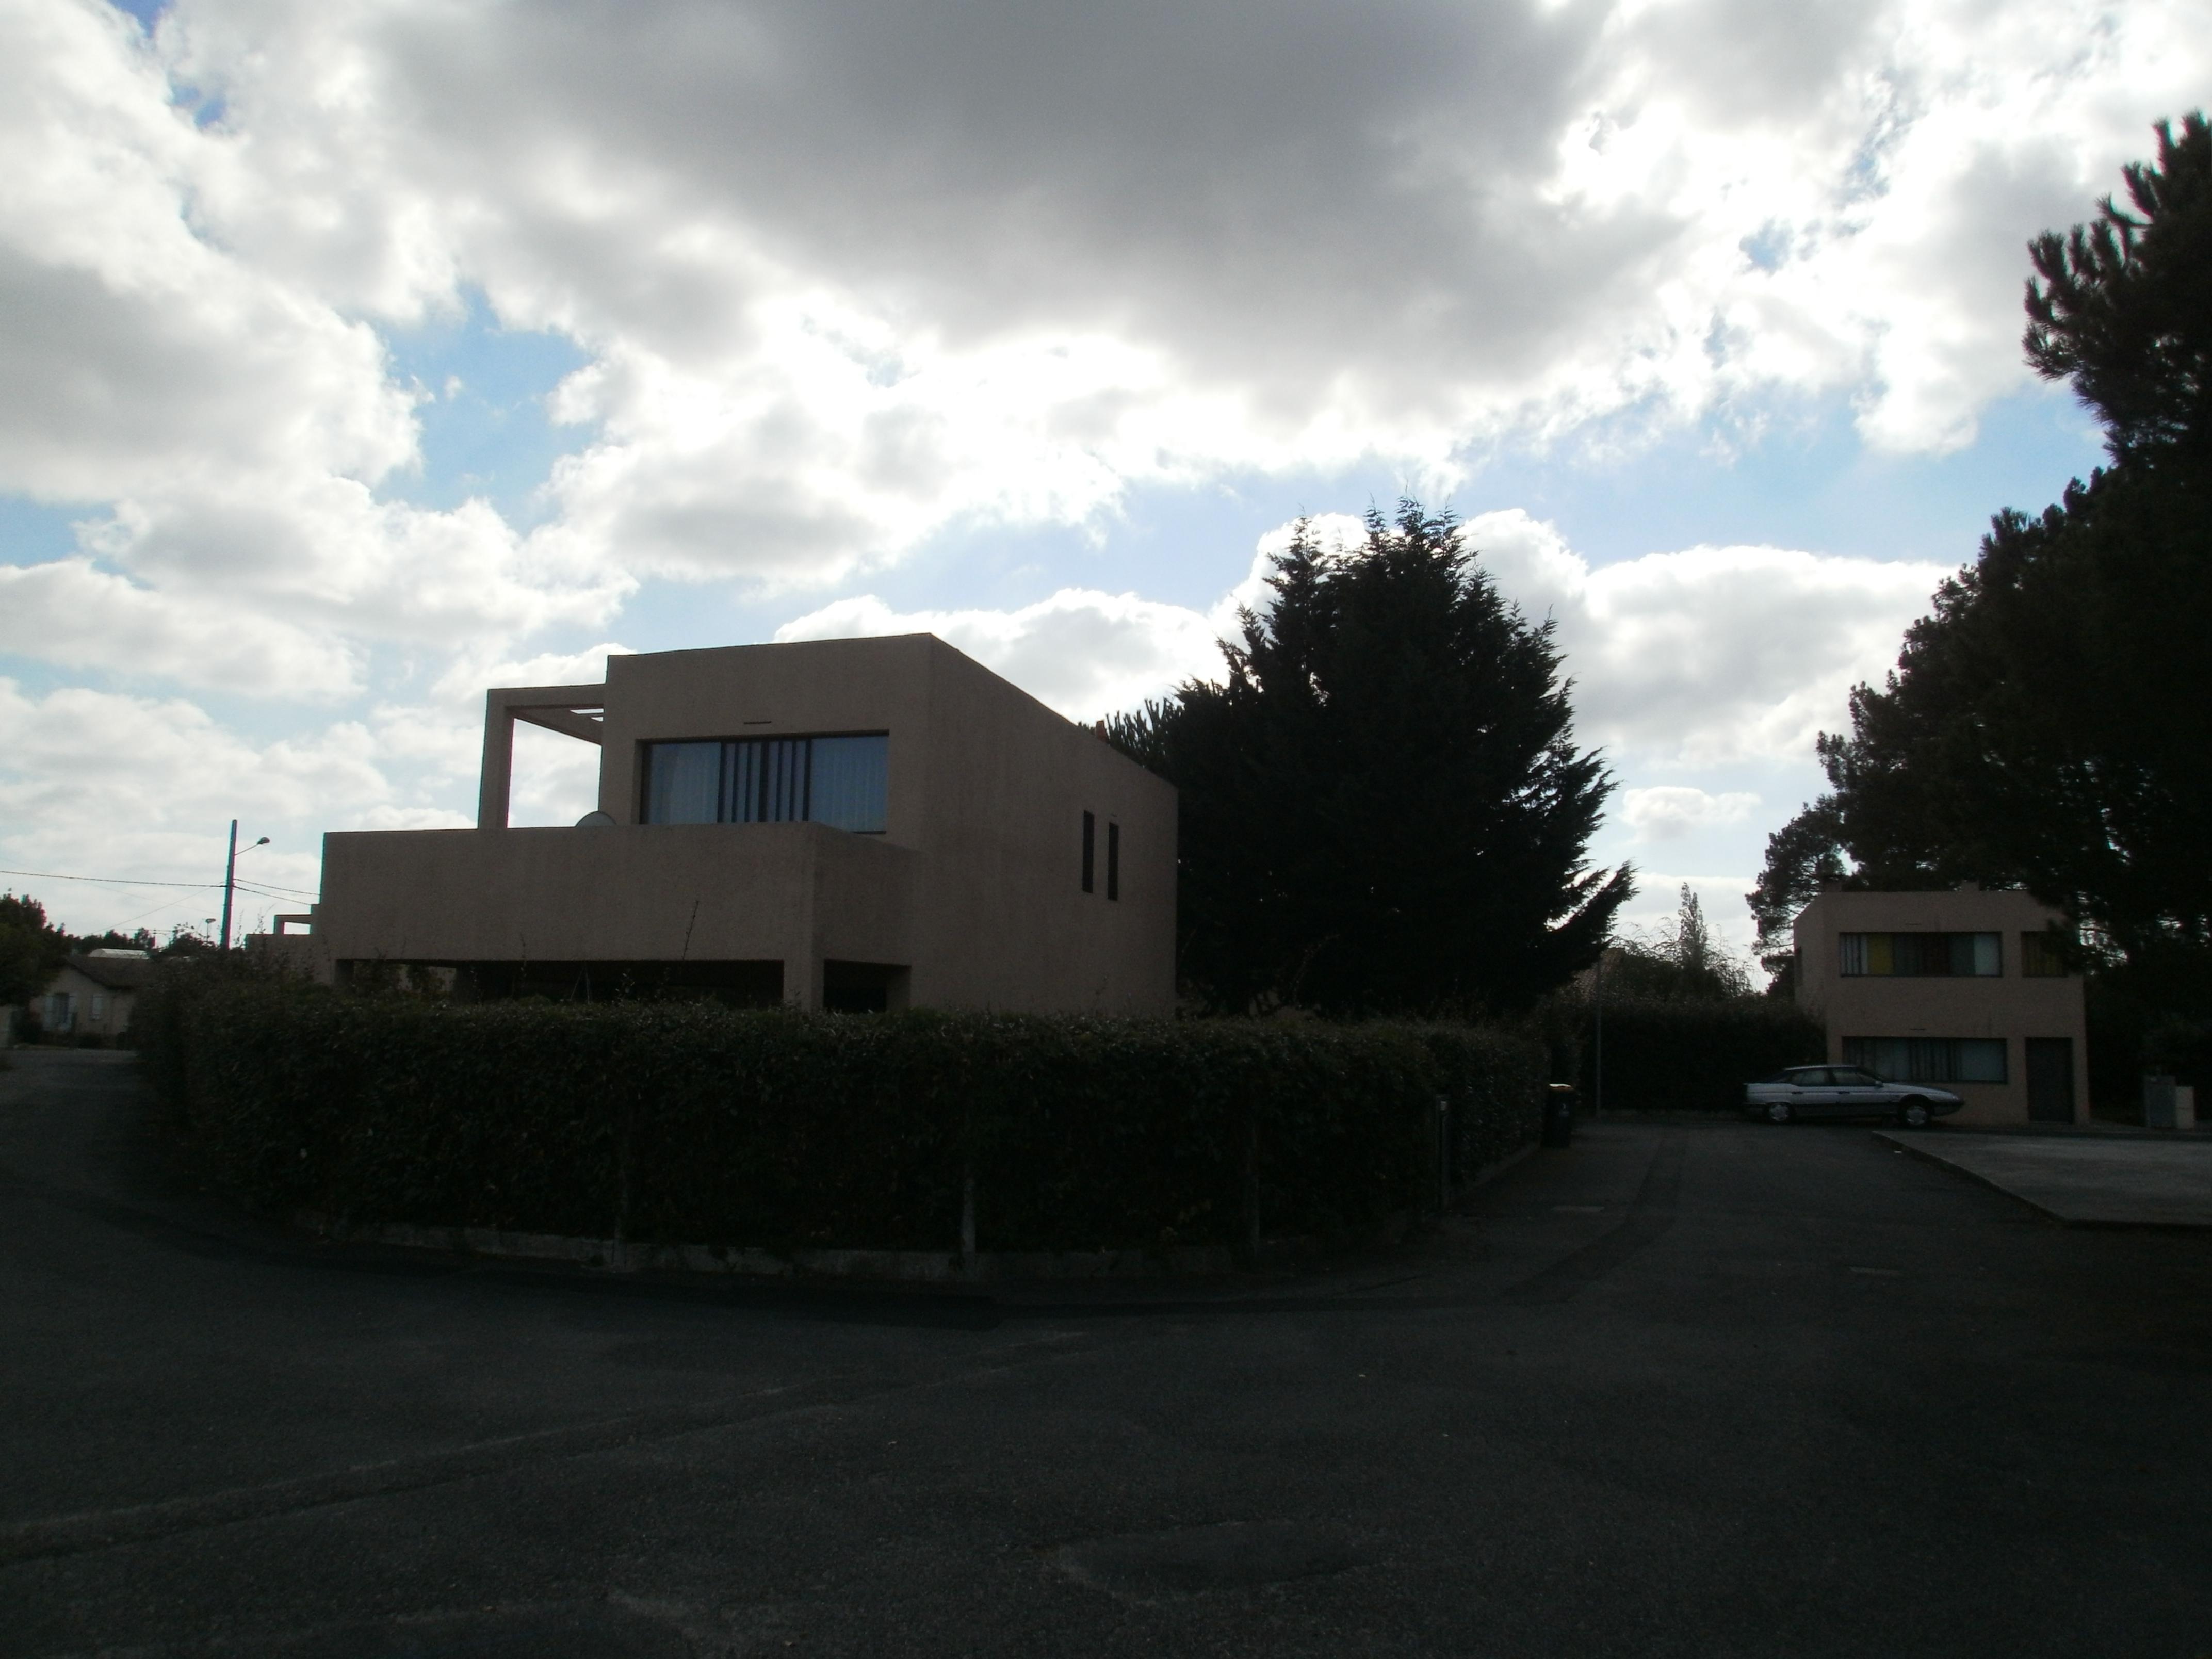 Le Corbusier Lège-Cap-Ferret